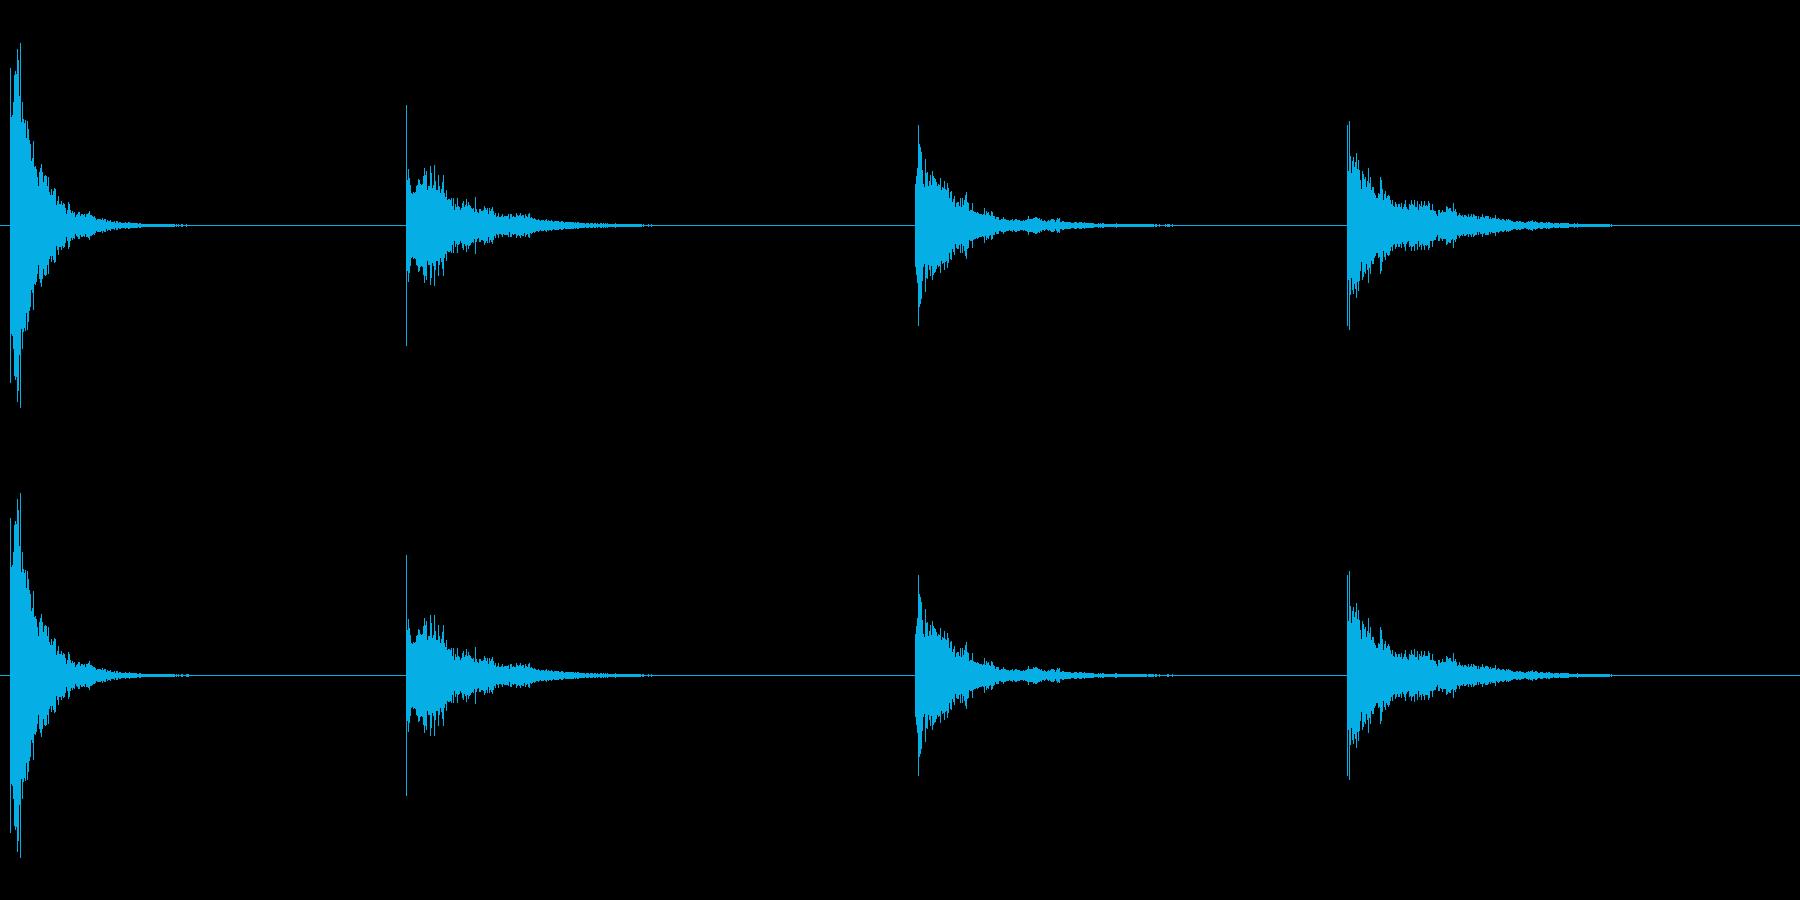 薄いずさんな金属の打撃と振動、4Xの再生済みの波形